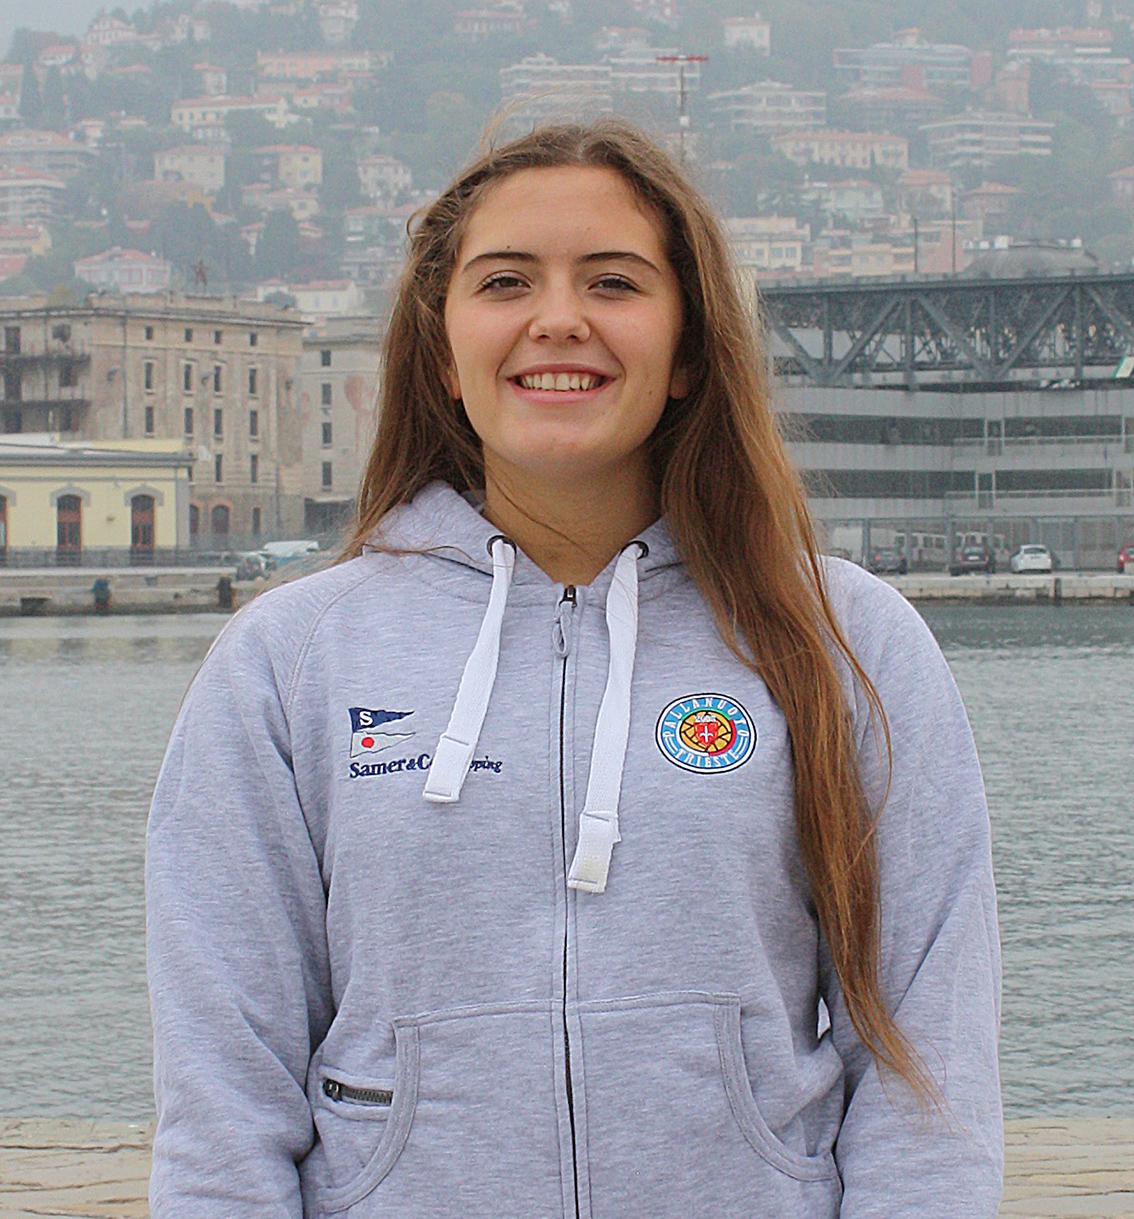 Settore giovanile: arriva la prima convocazione in azzurro per Amanda Russignan, con lei anche Lucrezia Cergol